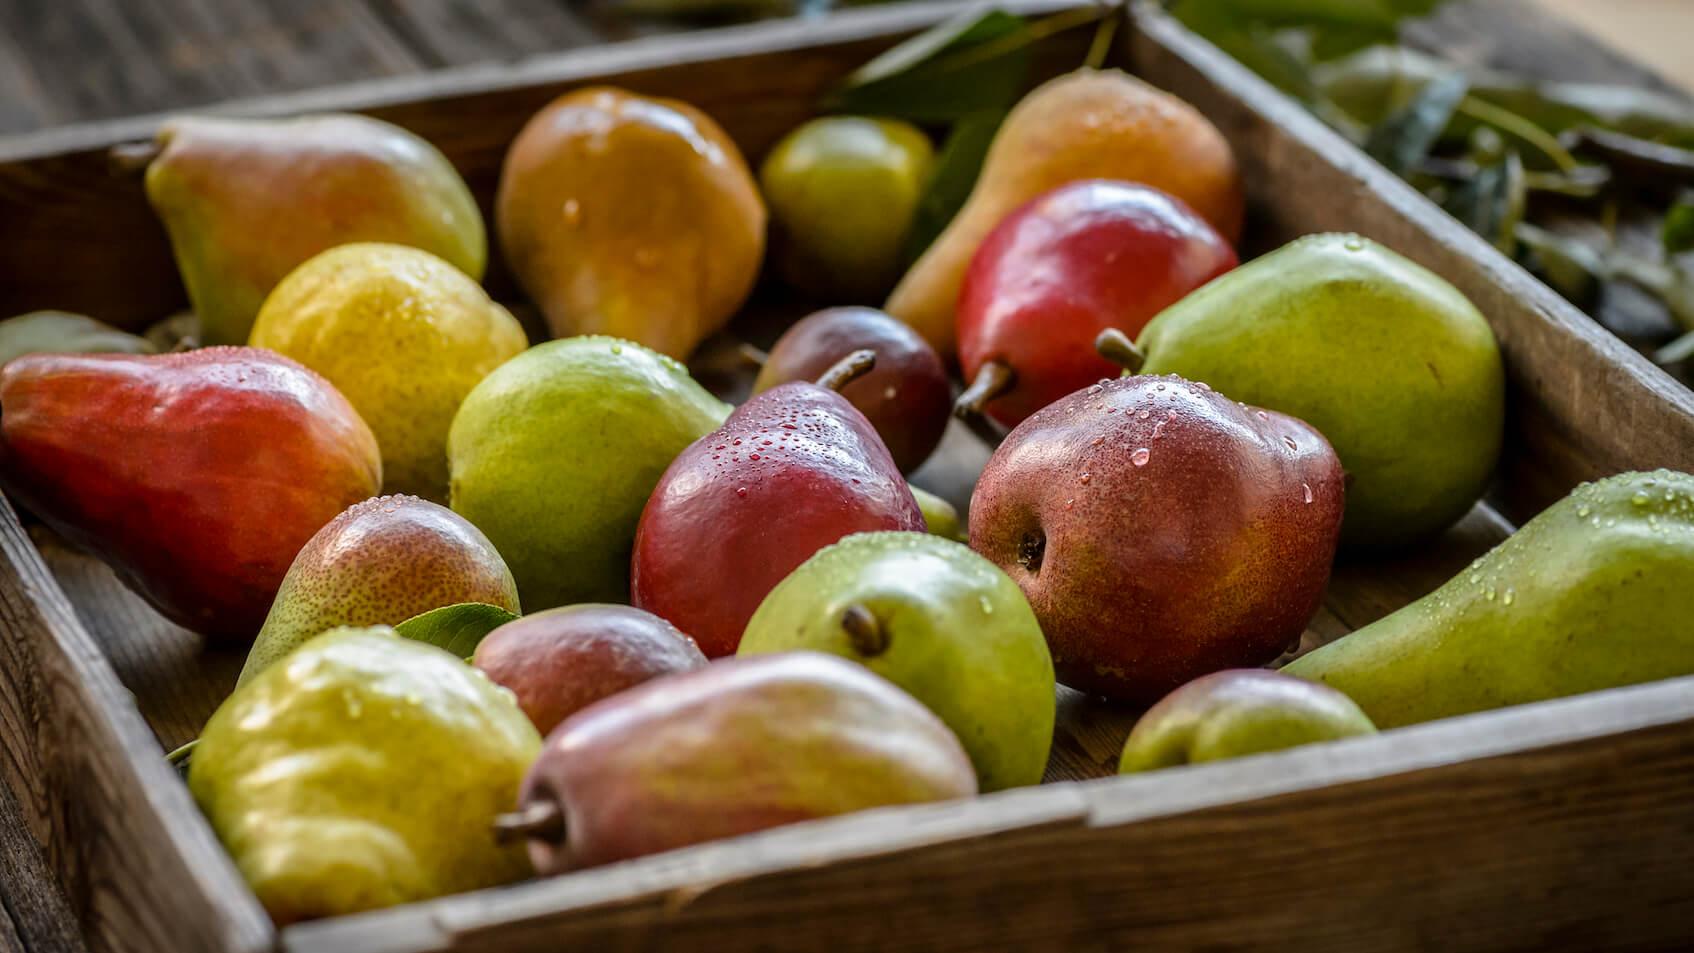 USA Pear varieties